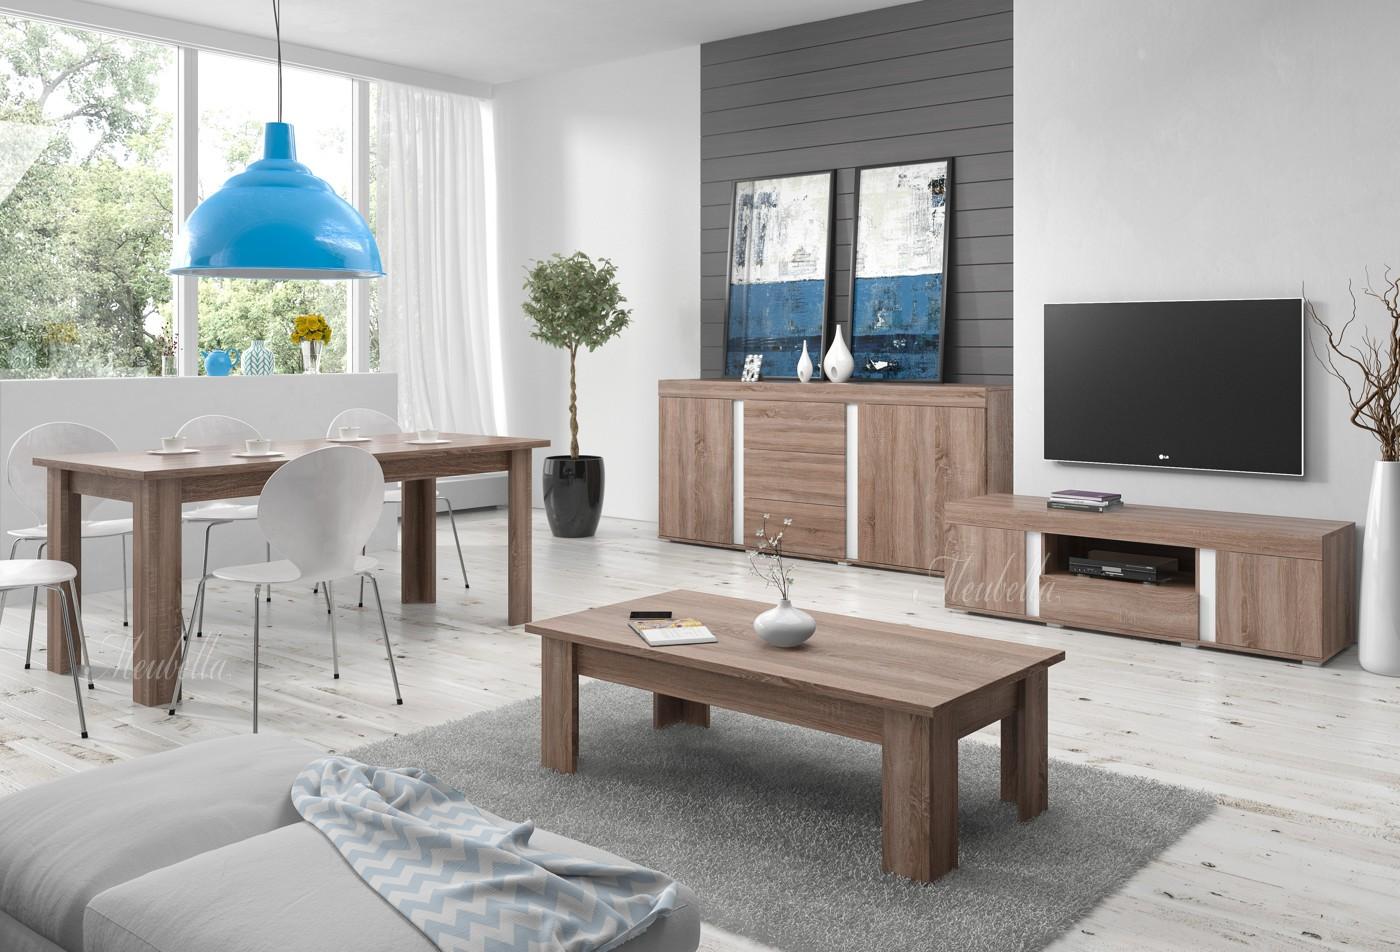 Trendy woonkamer great tips voor kleine woonkamer bureau for Woonkamer design